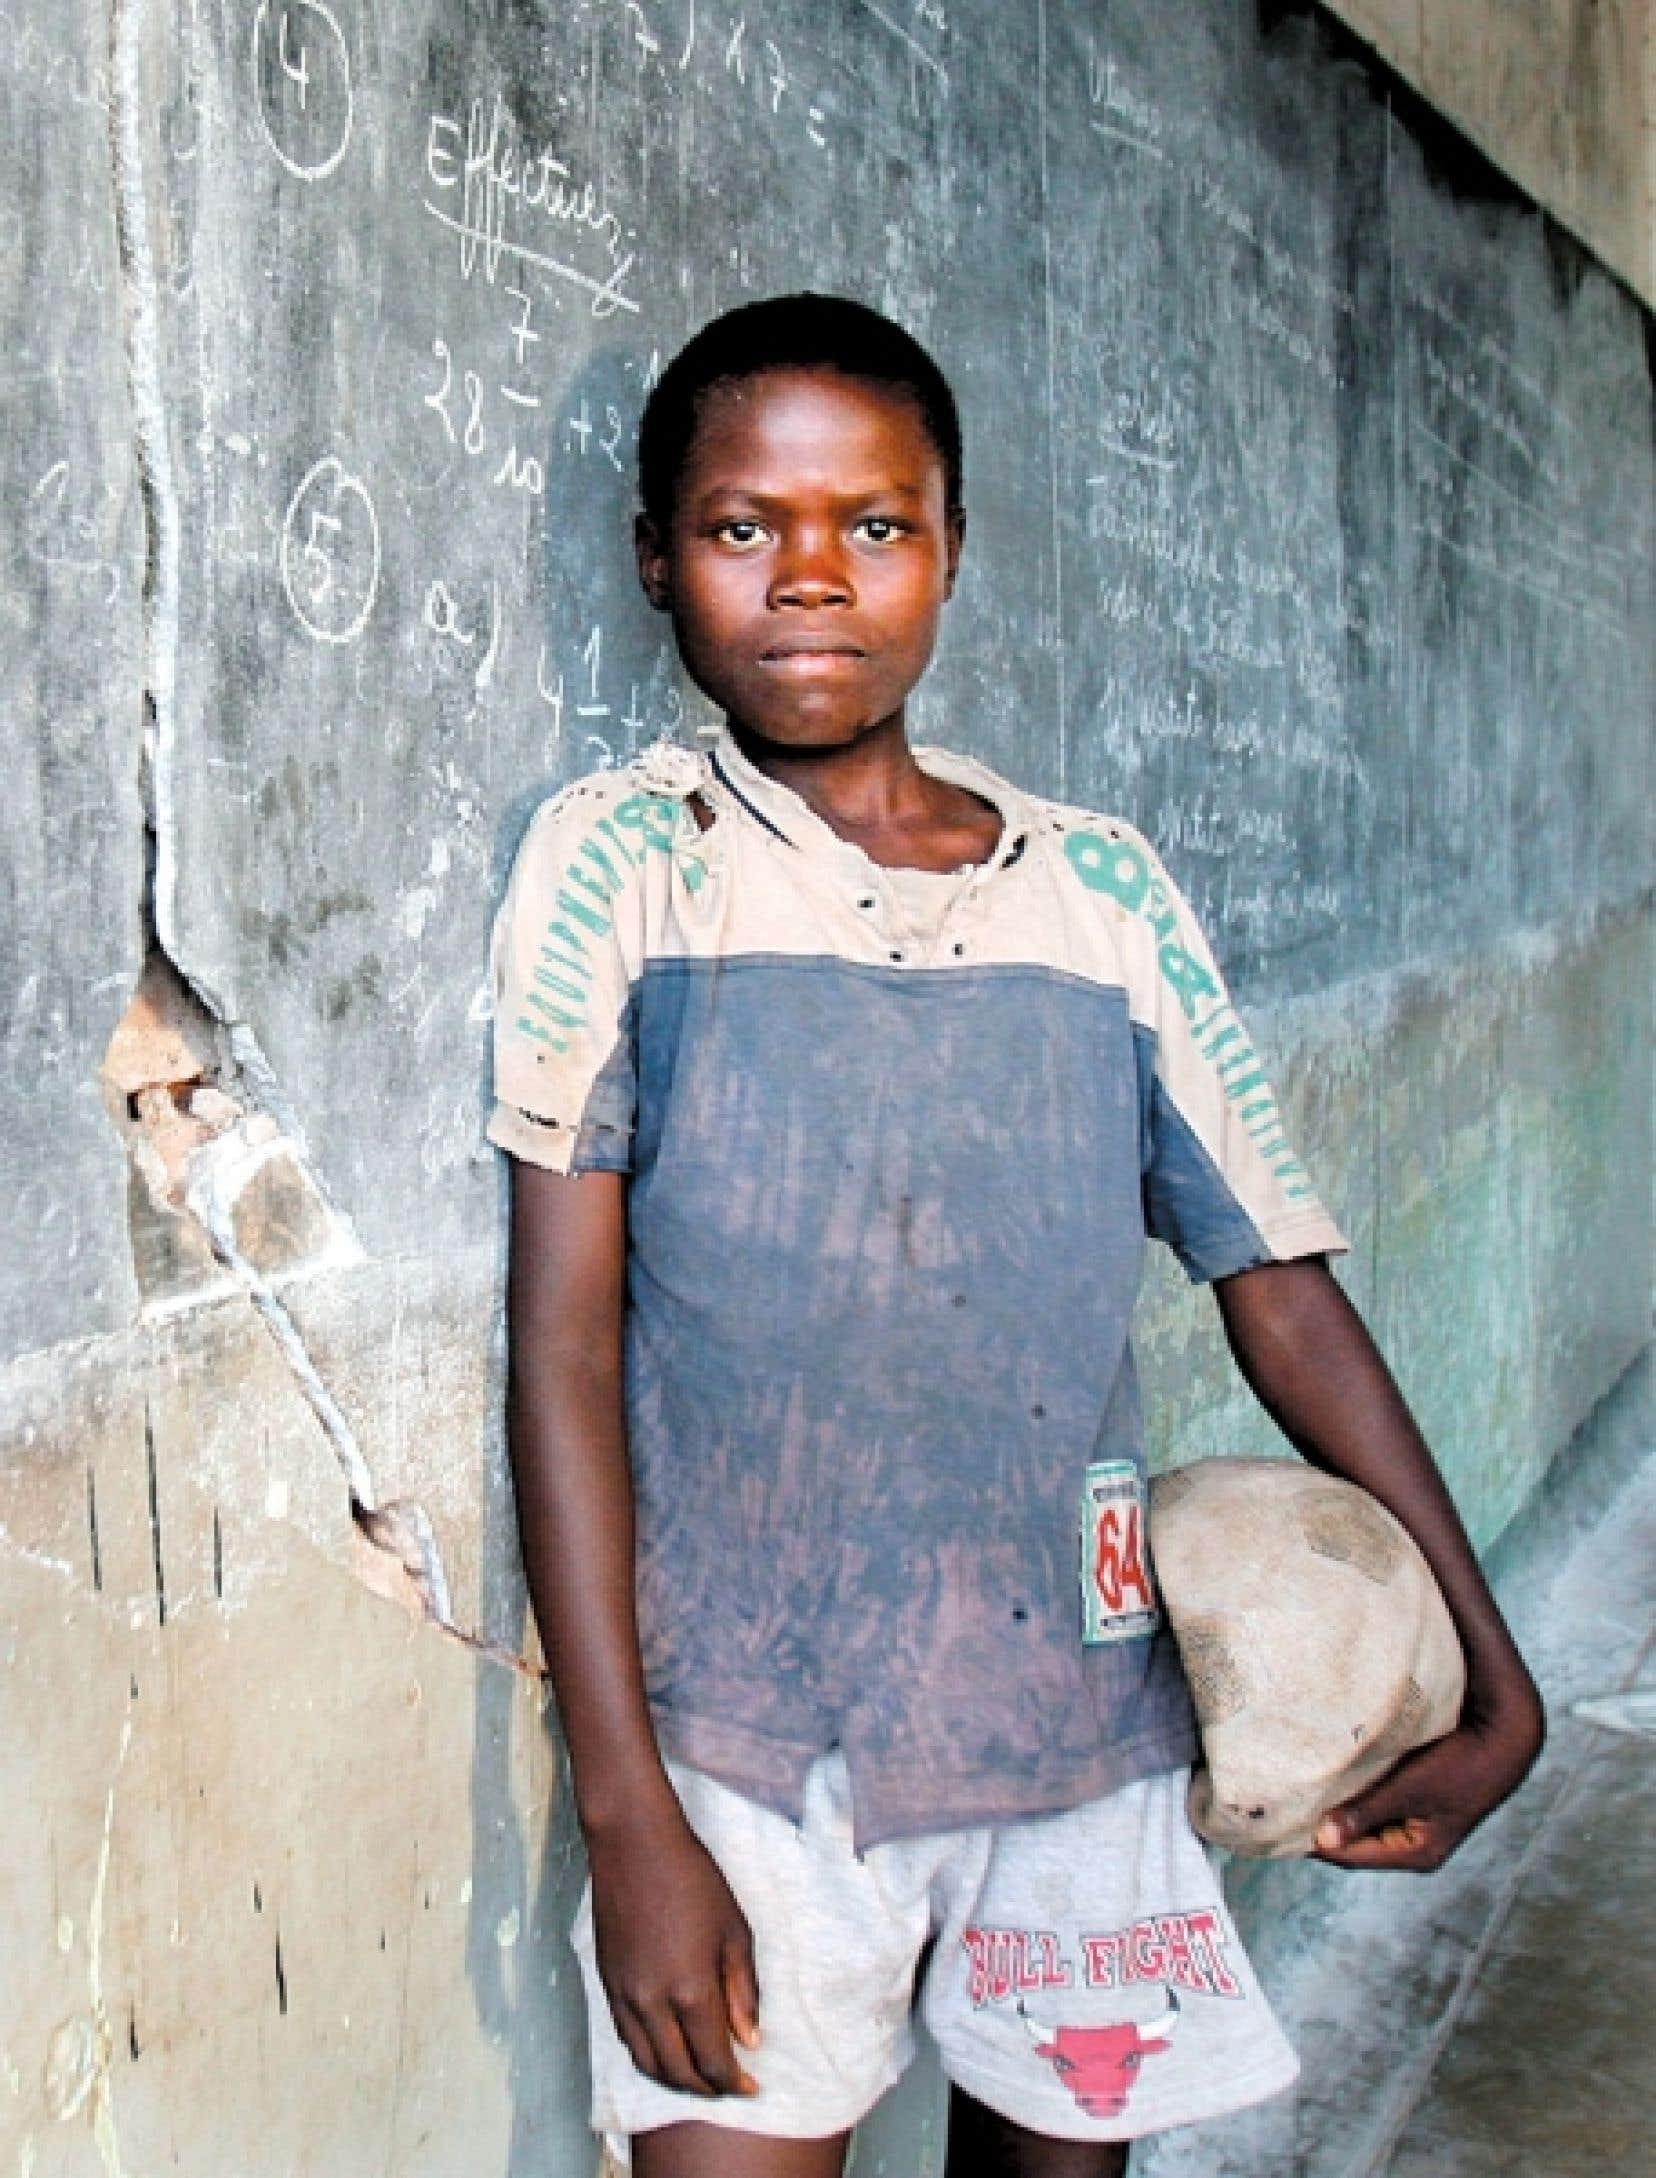 Un élève d'une école primaire de la République démocratique du Congo, photographié en 2005. «Il y a au Congo une envie d'étudier énorme», dit l'auteur de Congo, une histoire, David Van Reybrouck.